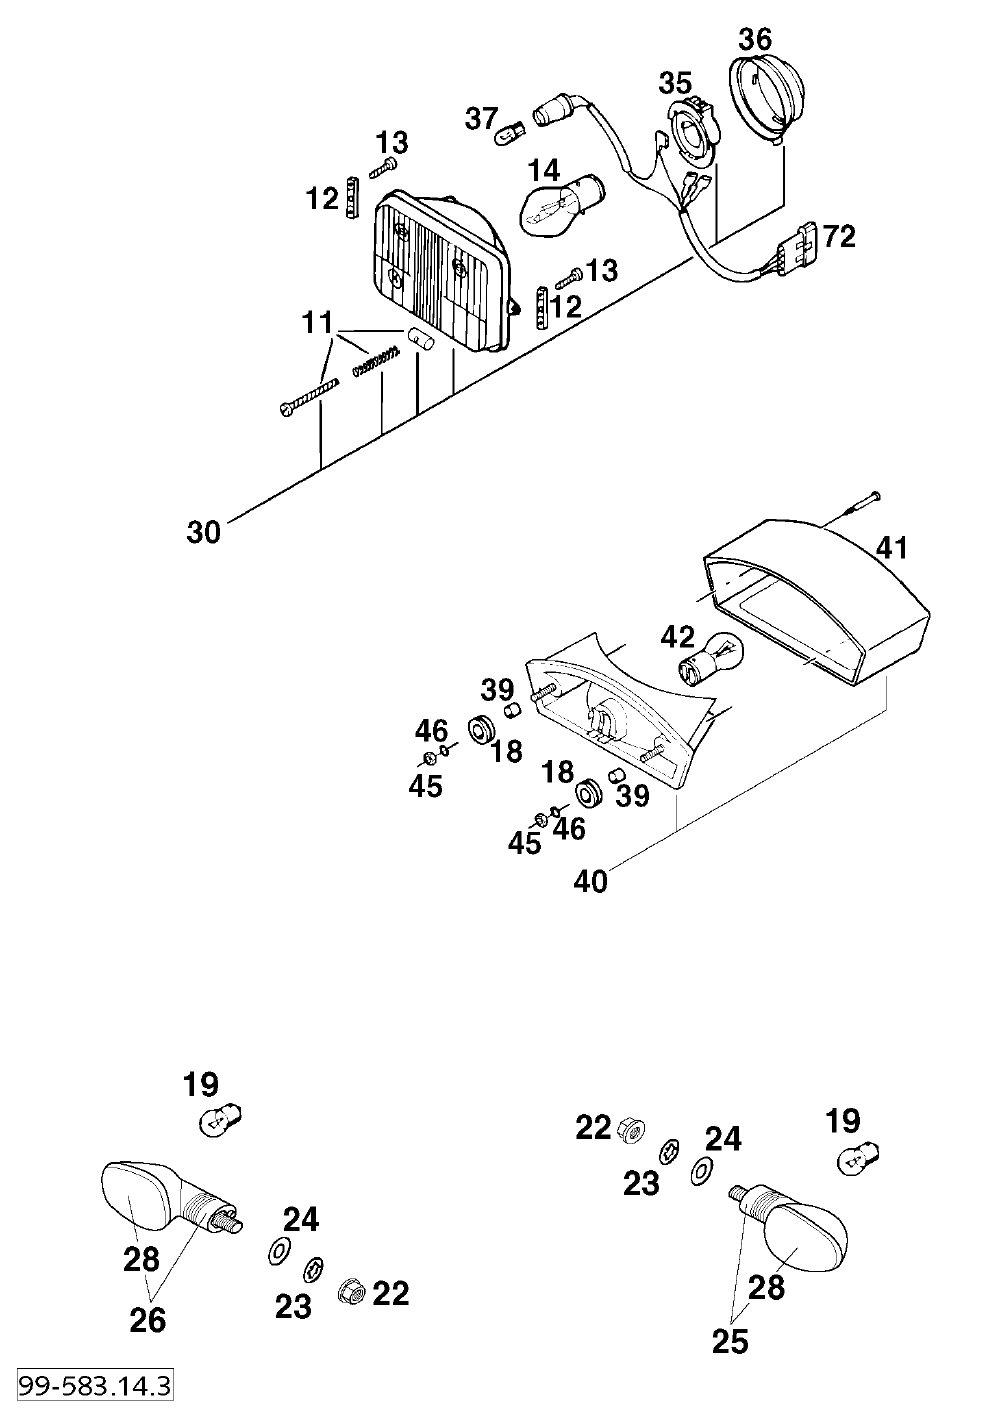 Power wheels ninja wiring diagram images wiring diagram